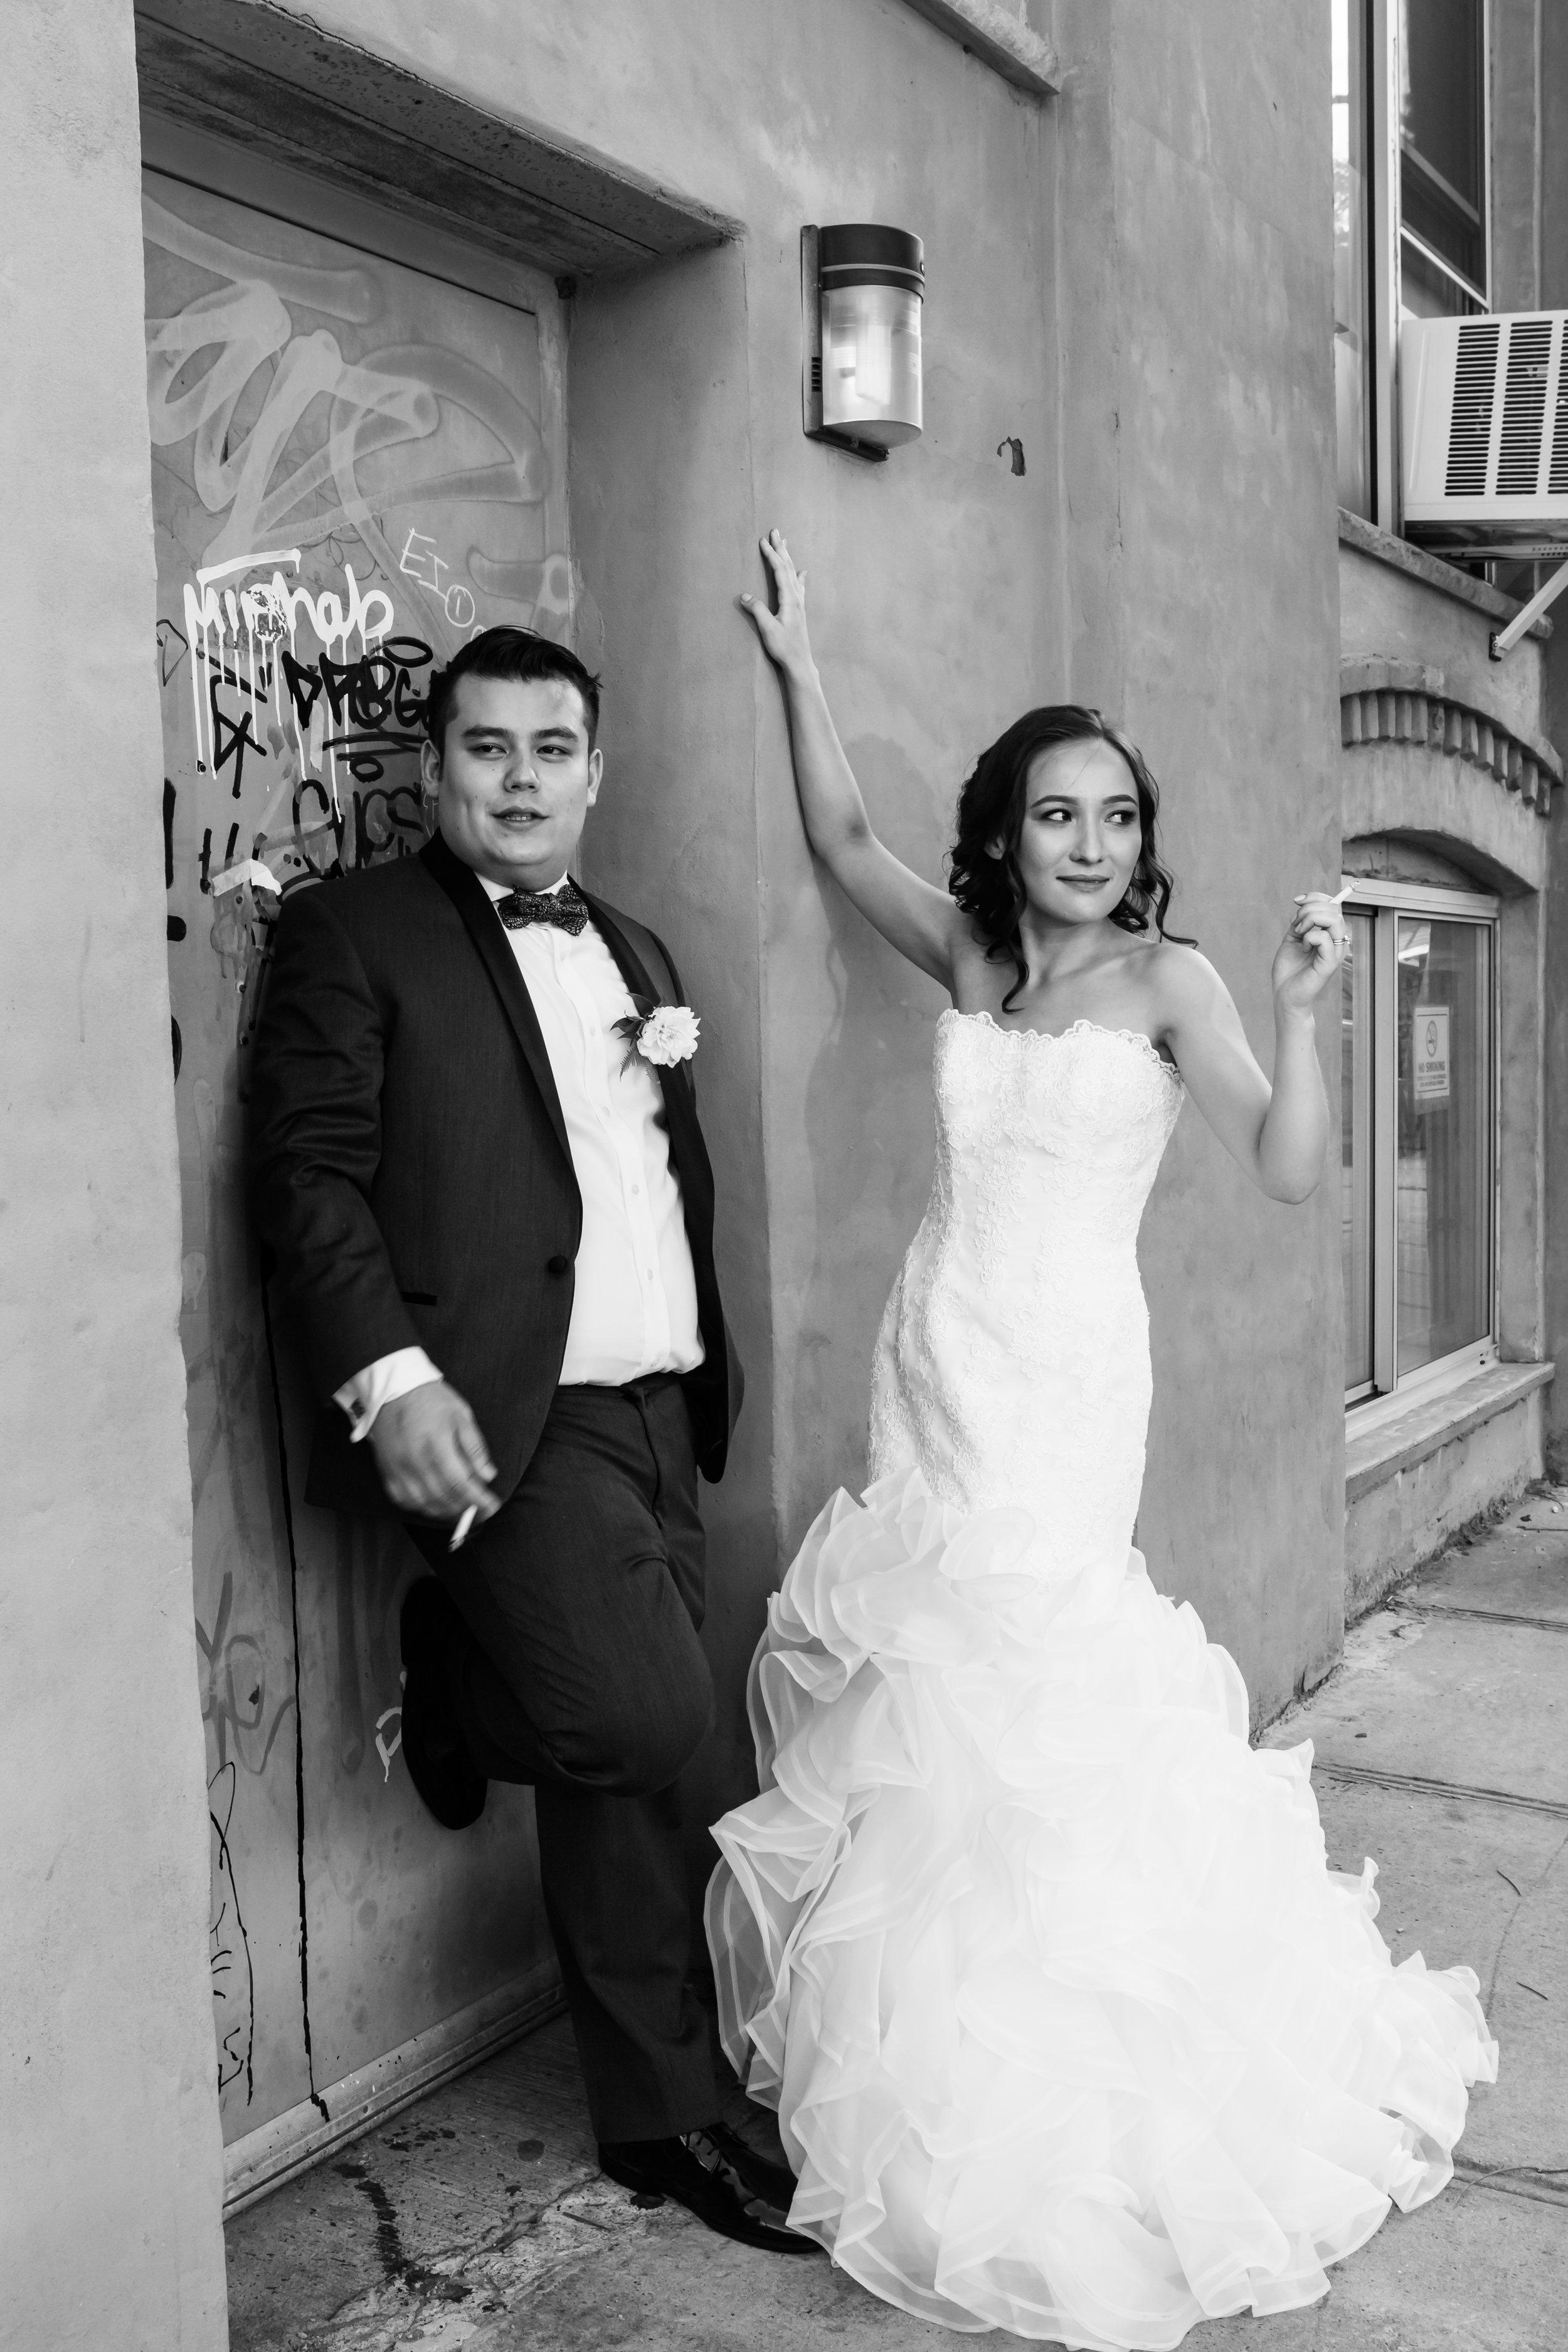 26-bridge-nyc-wedding-photography-0242.jpg